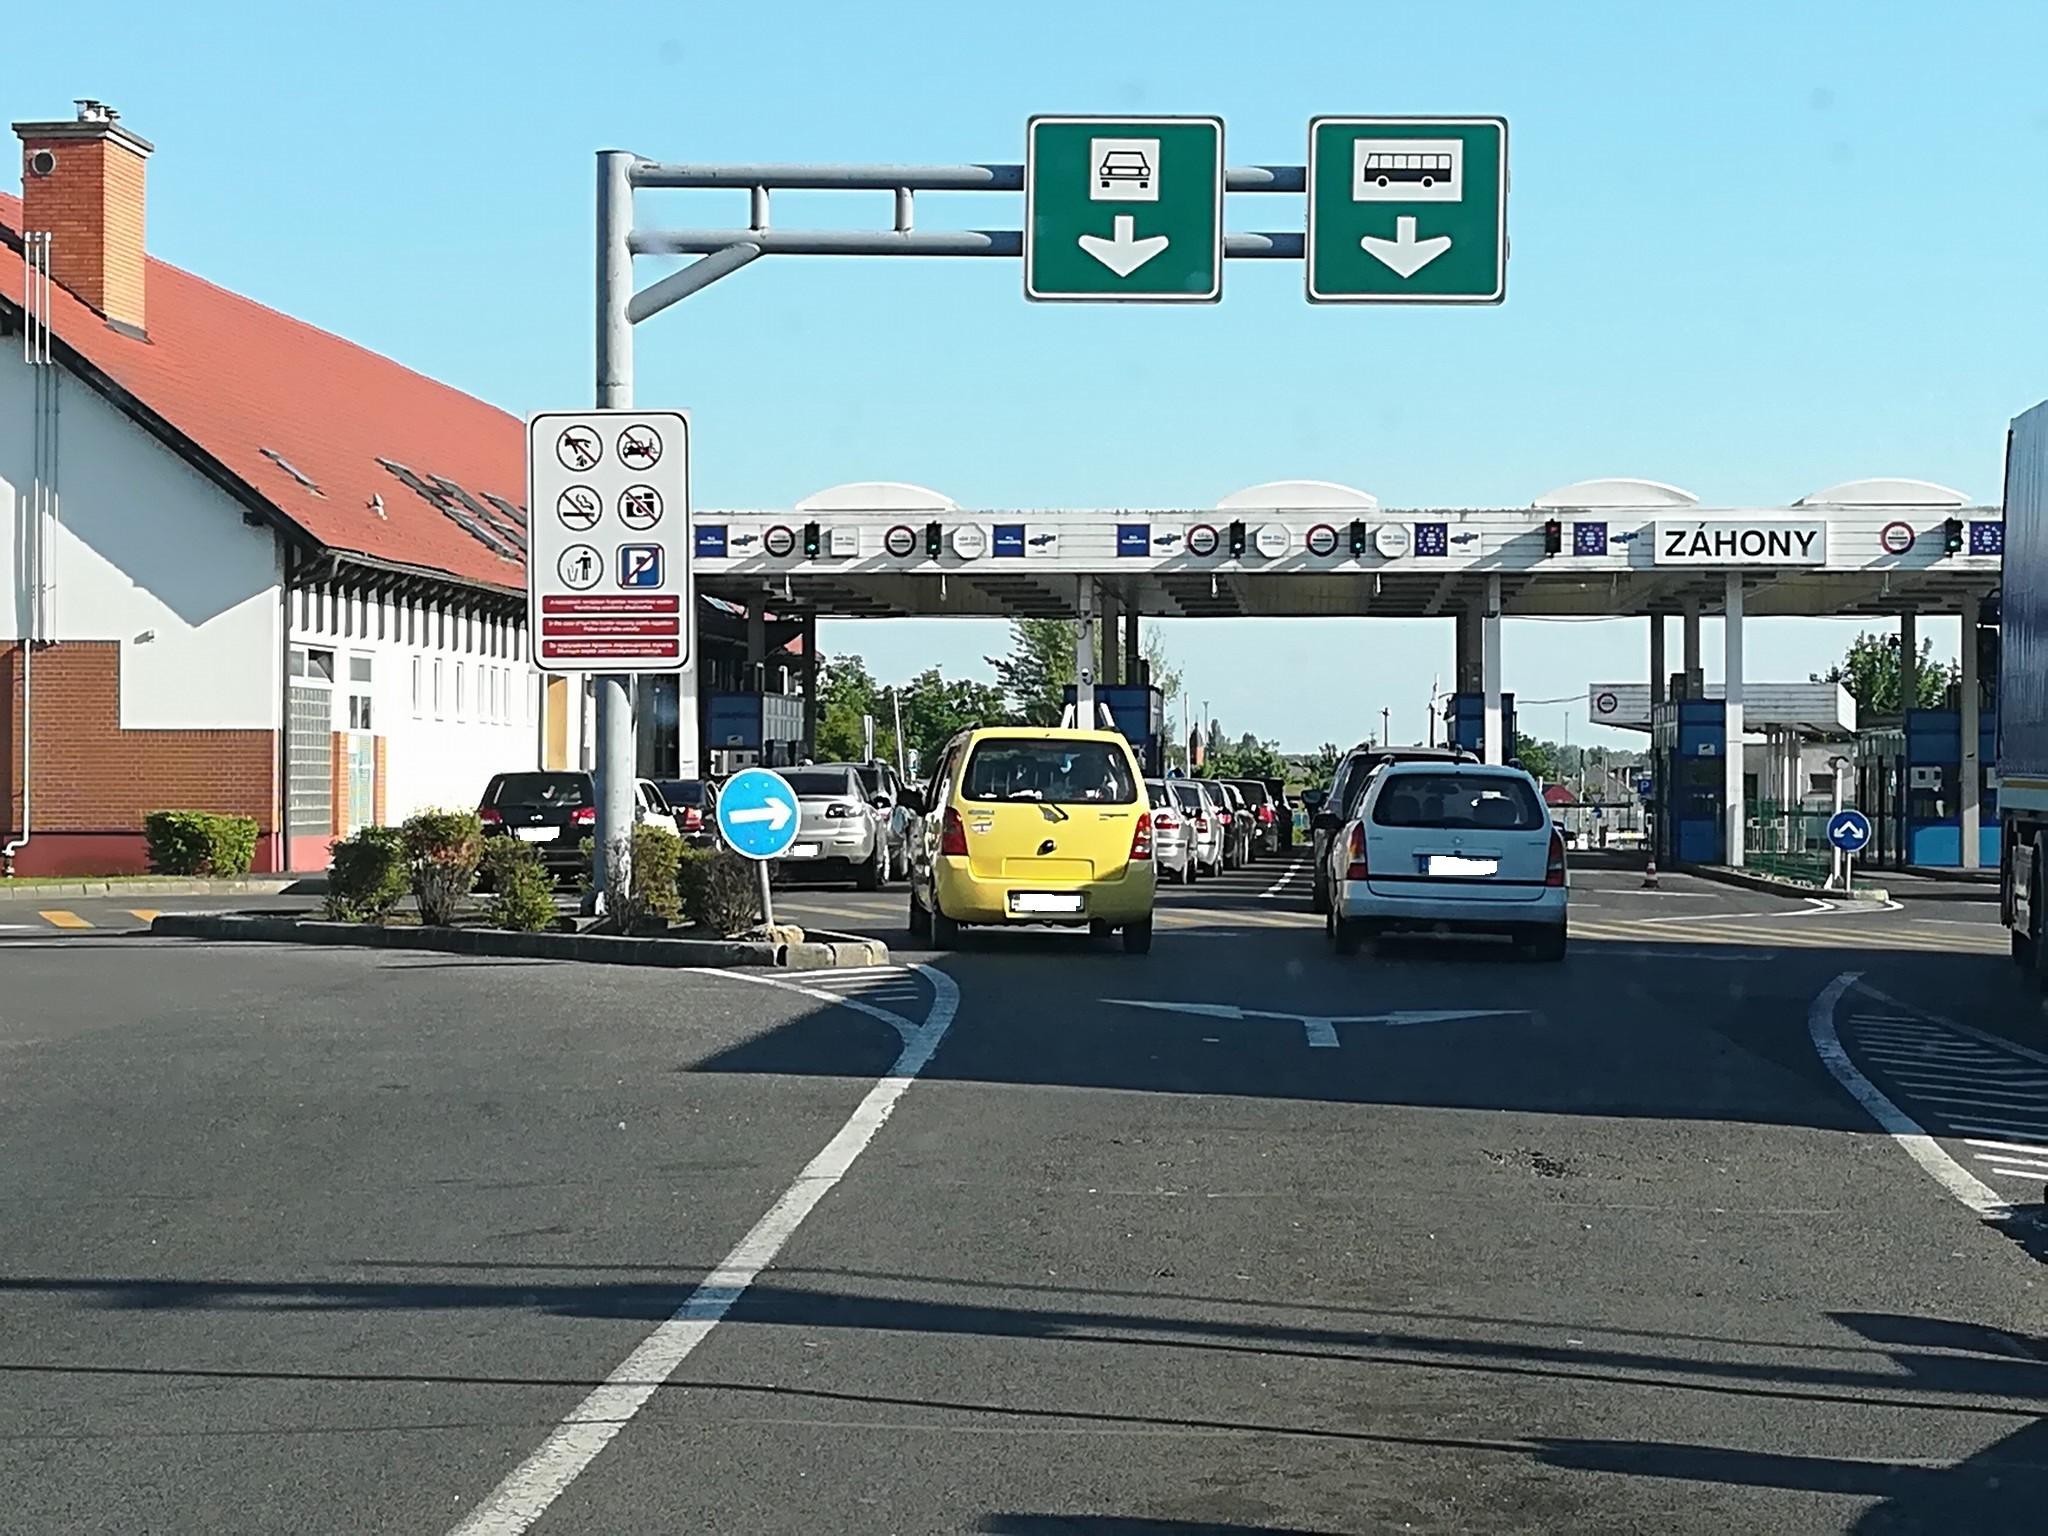 Бажаючим швидше в'їхати на територію Угорщини рекомендують обрати інші КПП.